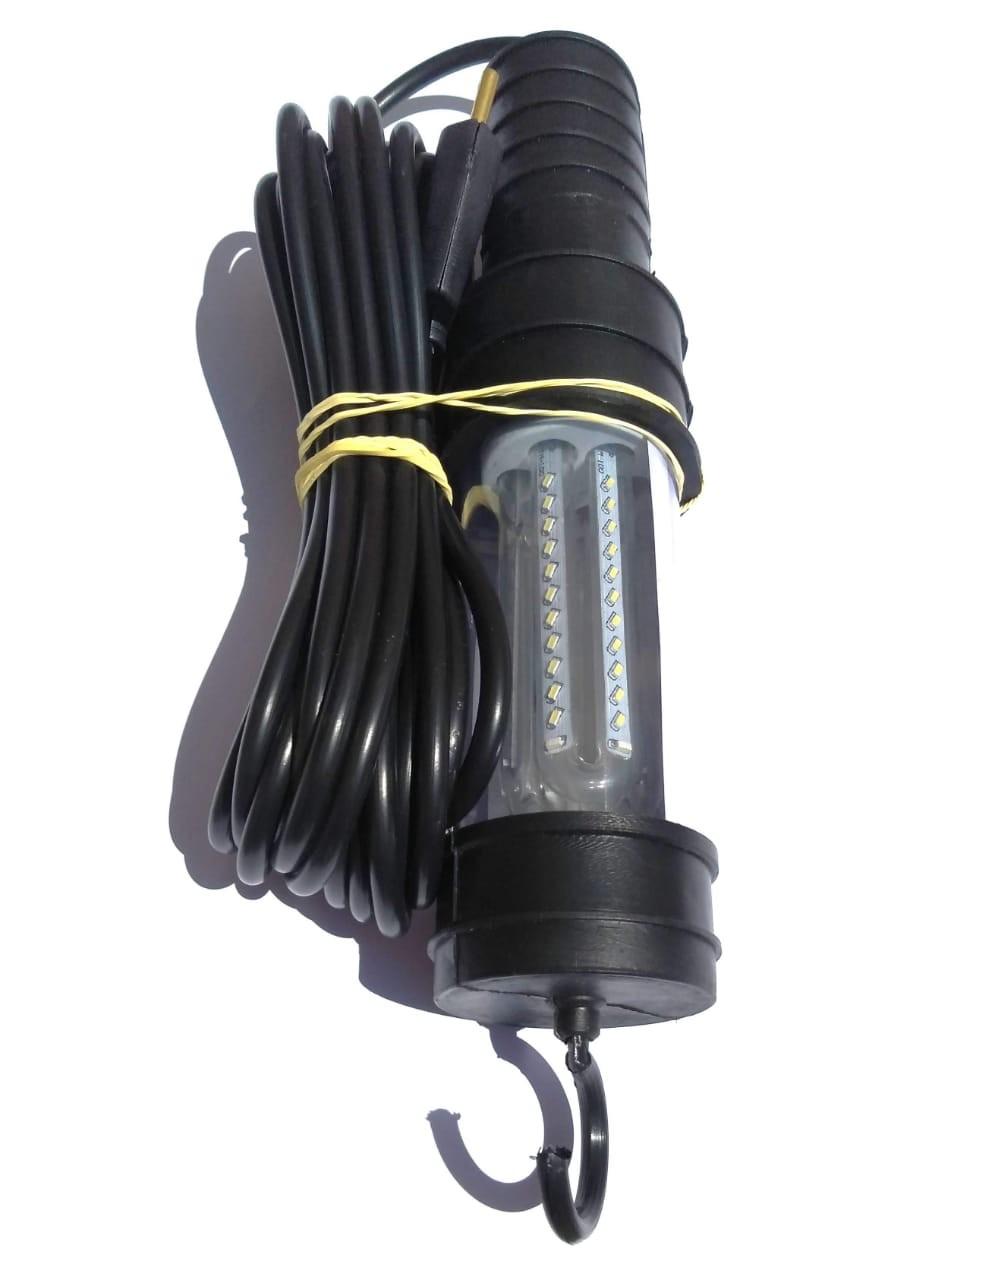 Cordão Pendente Luz Bivolt - Super Led - Cabo De 7m - Plug